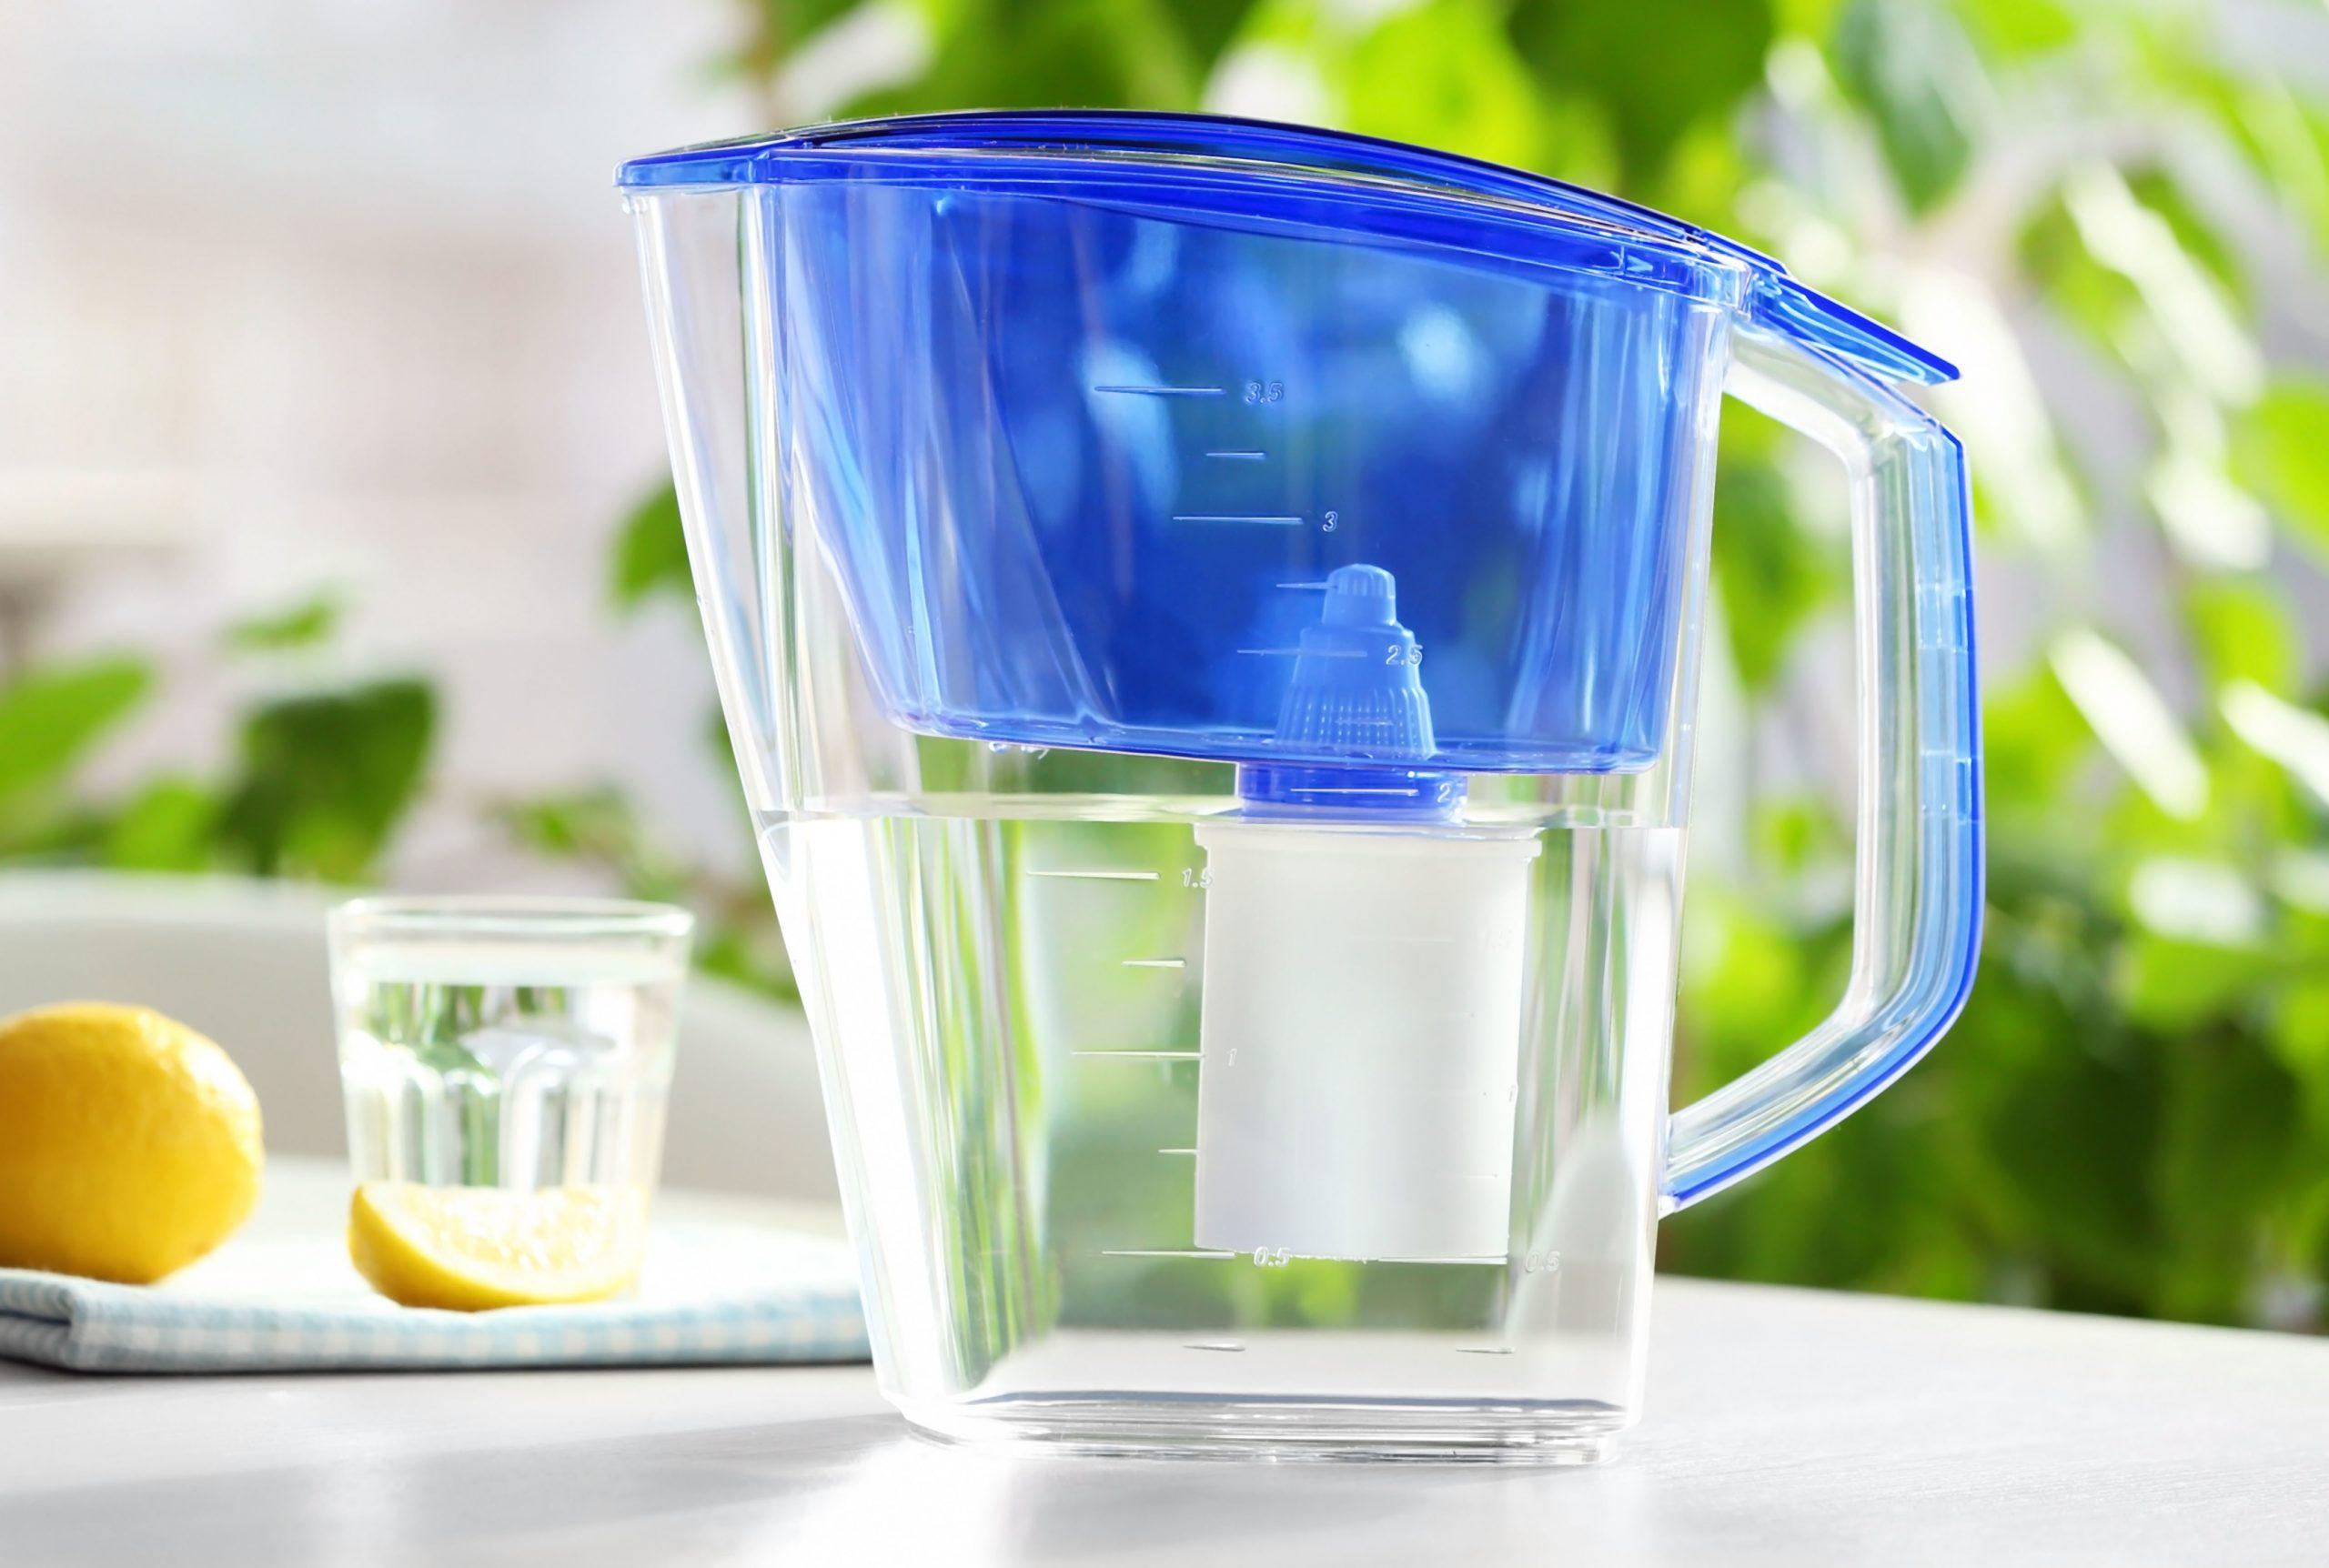 Purificador de agua: ¿Cuál es el mejor del 2021?